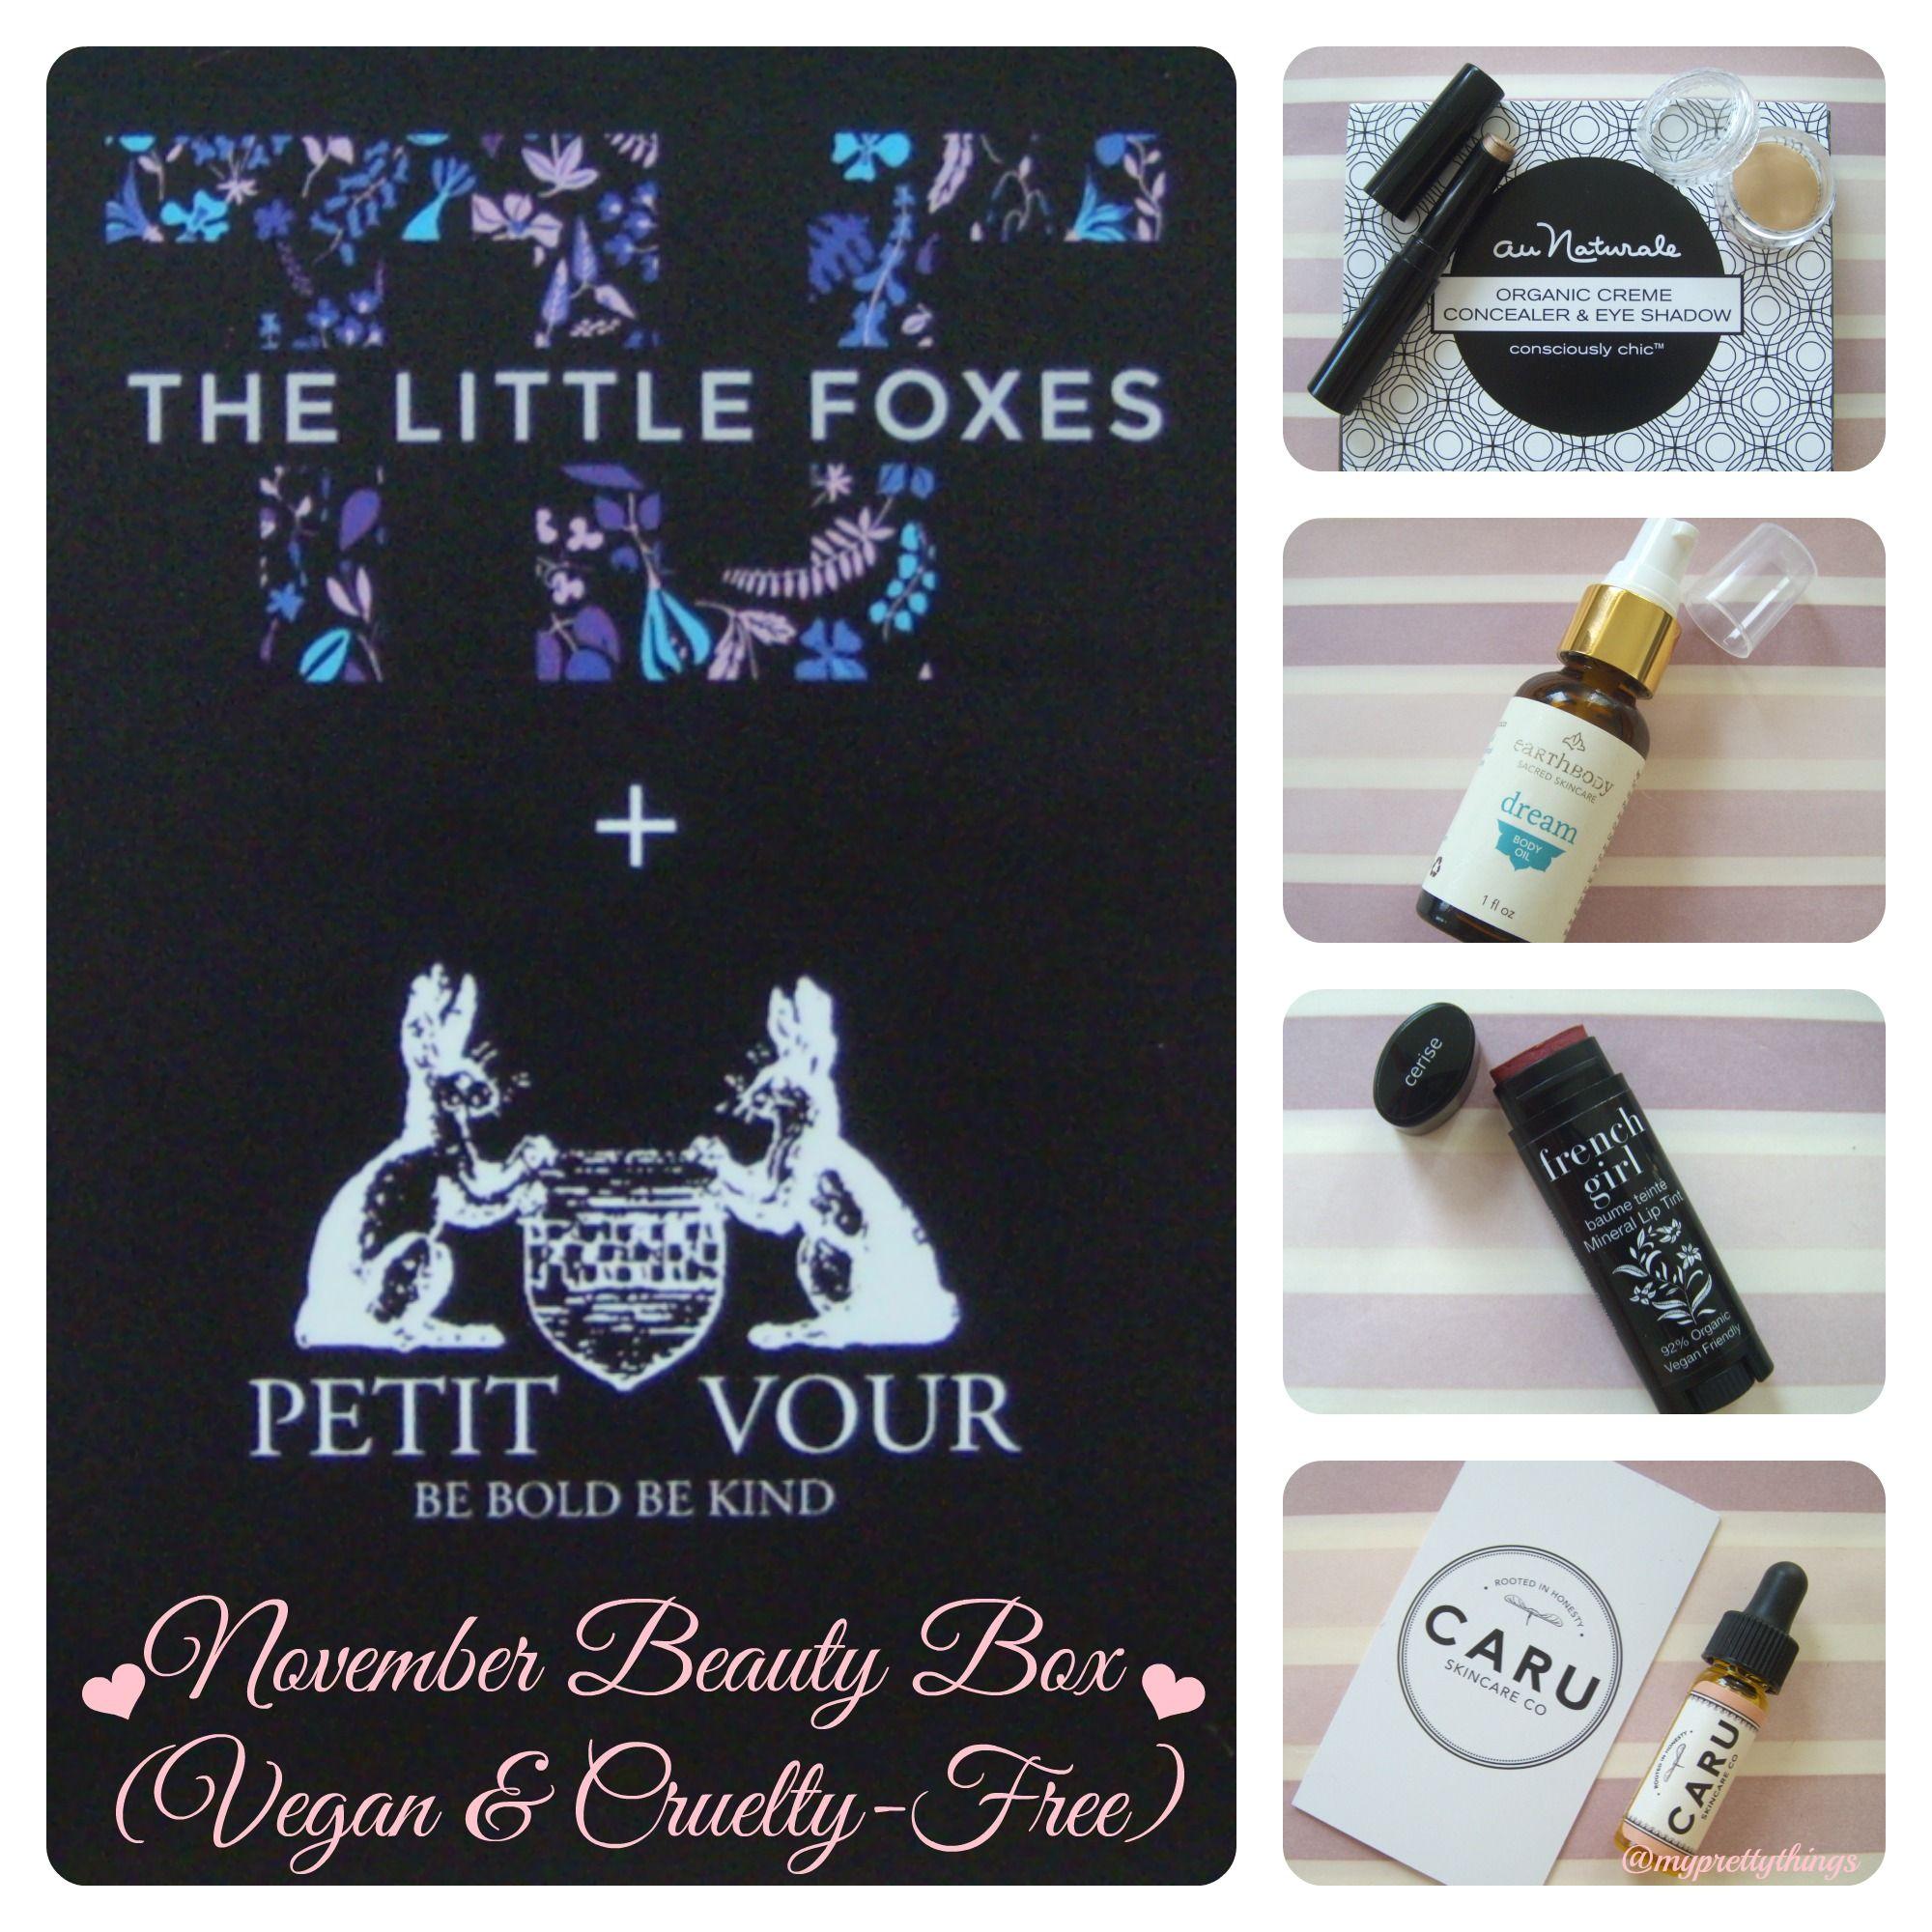 Enjoying All The Vegan Beauty Cruelty Free Beauty Treats From The Petitvour Thelilfoxes November Beauty Box Cruelty Free Beauty Beauty Box Beauty Treats